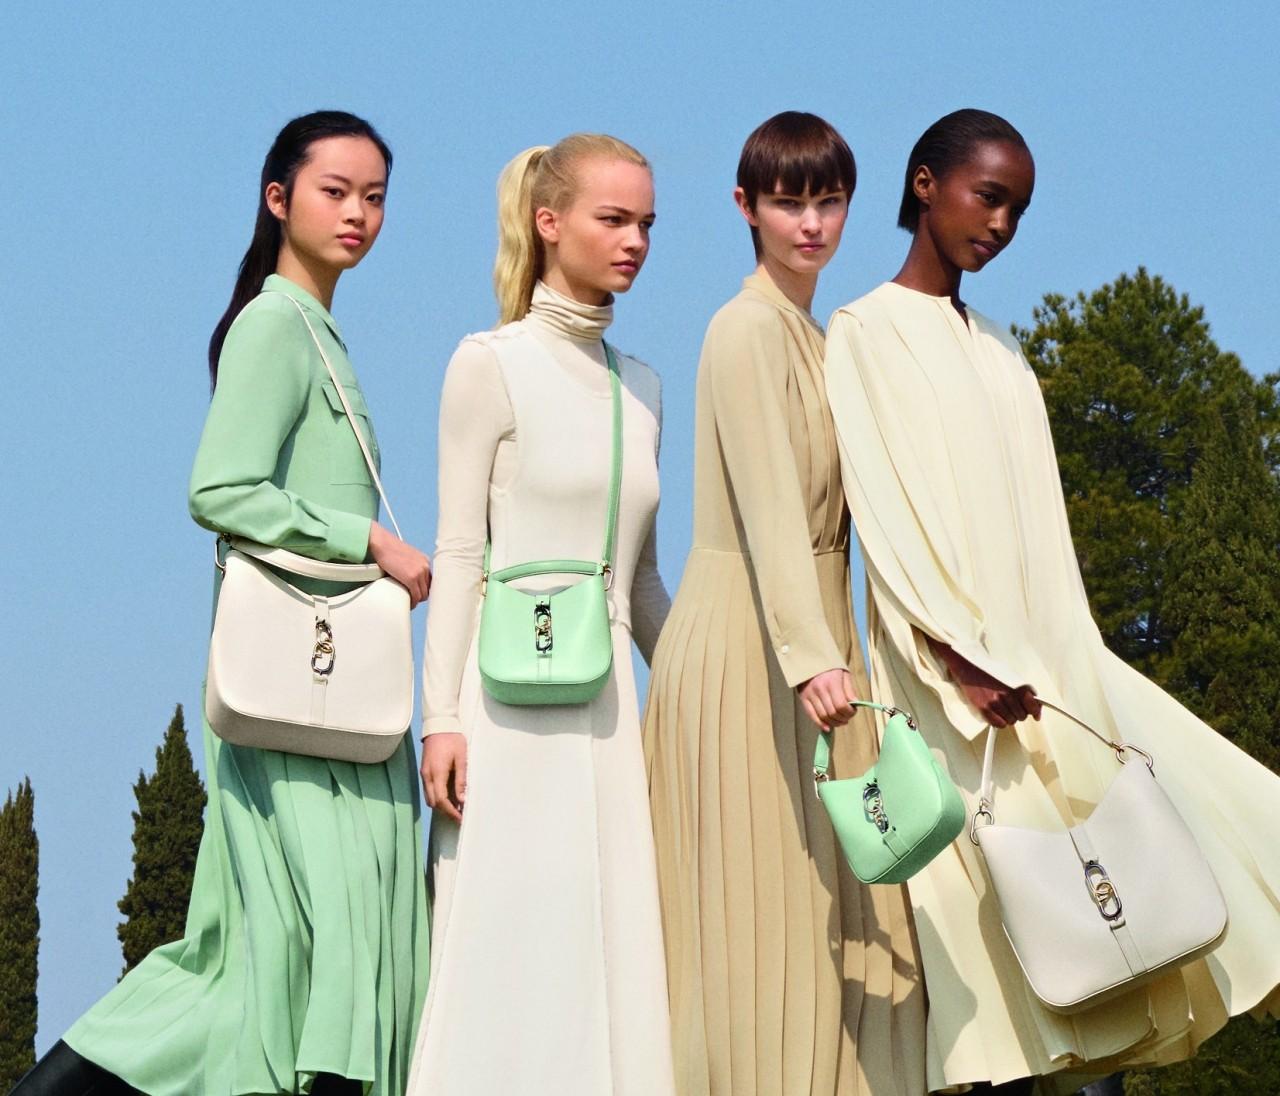 【フルラから秋の新作バッグ「Furla Sirena」(フルラ シレーナ)発売】働く女性にぴったりのitバッグ!